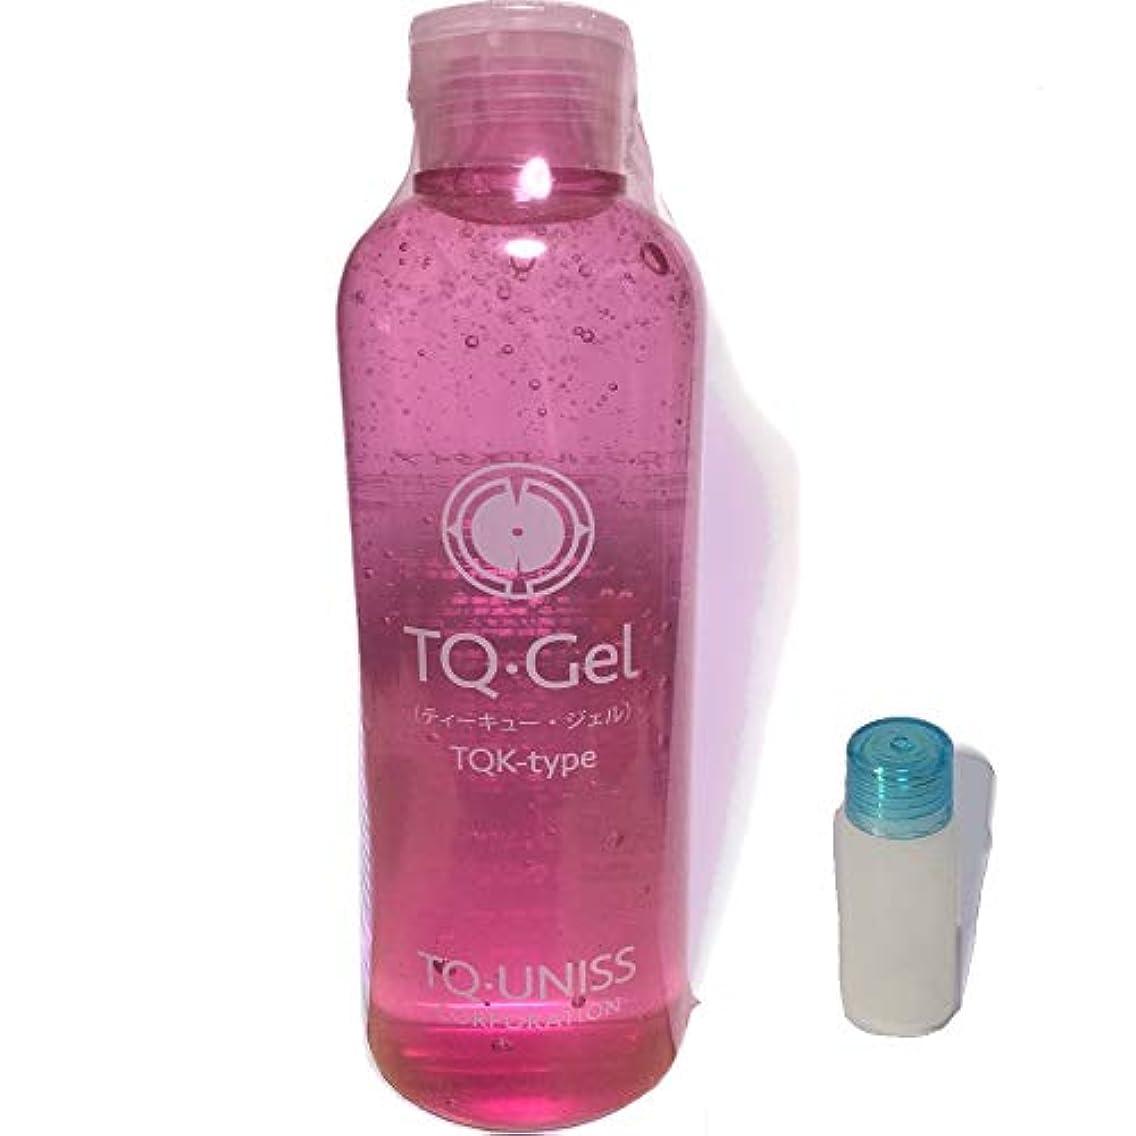 去るカテゴリー欲しいですリーニューアル TQジェル ミニボトル5mlセット厳選された自然由来の保湿成分プラス20のエネルギー [300ml] ピンクボトル